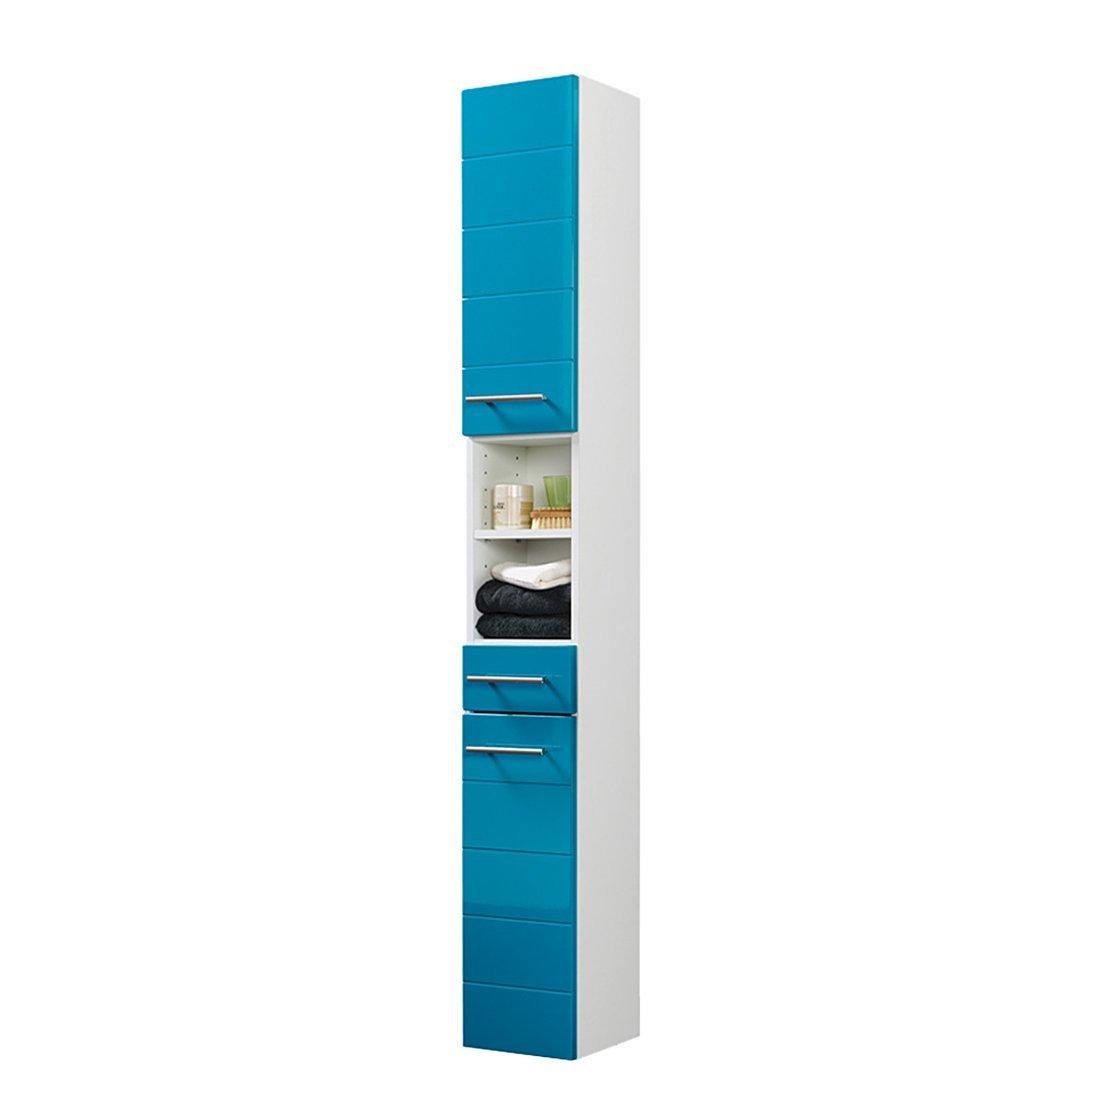 Held Möbel 140.2086 Rimini Seitenschrank 2-türig, 1 Schubkasten, 3 Einlegeböden, 25 x 181 x 20 cm, hochglanz türkis weiß